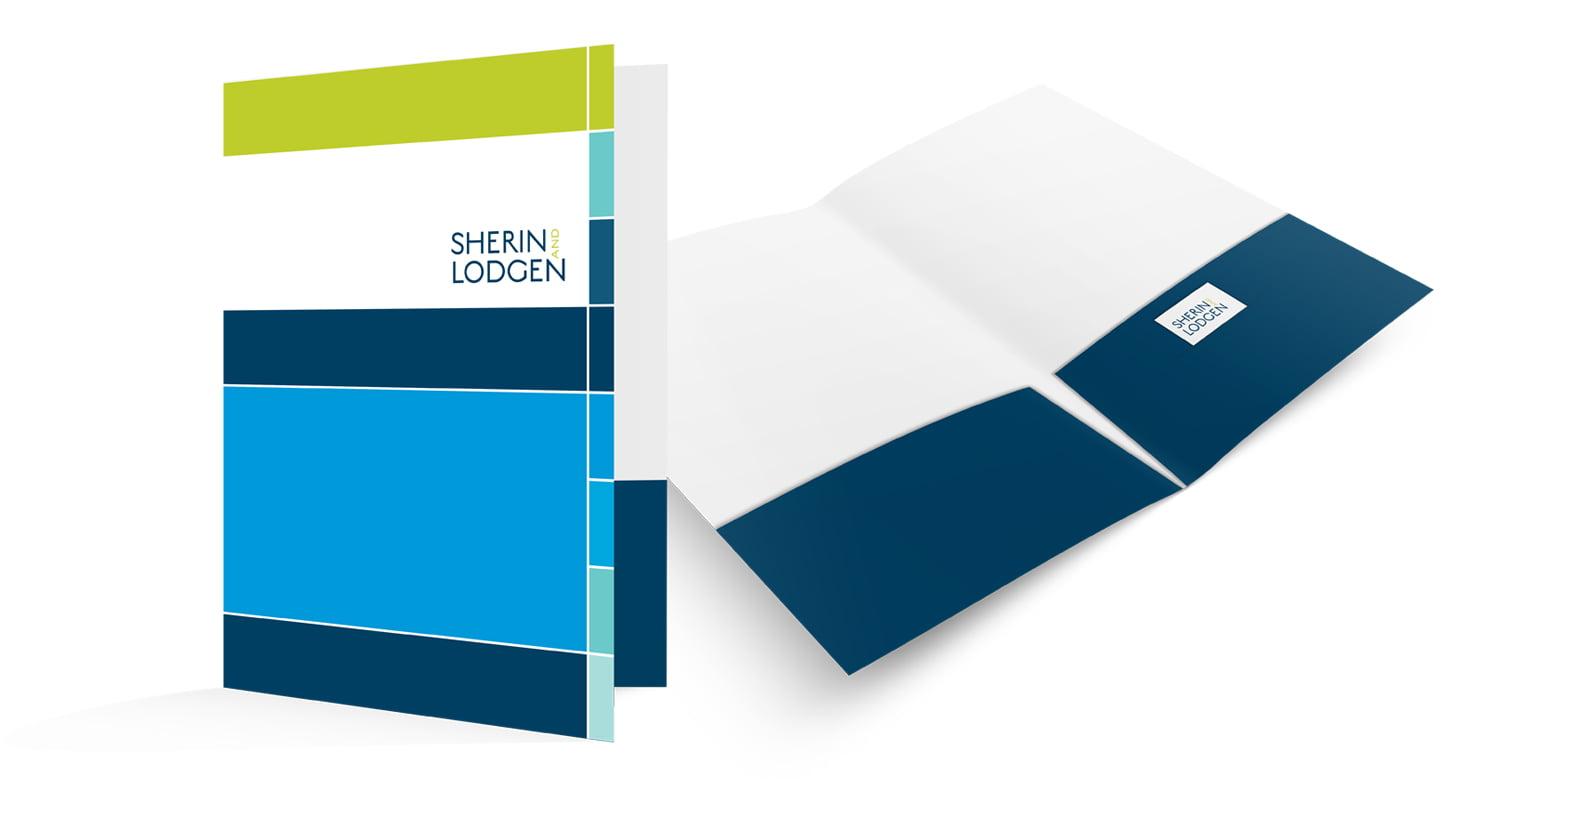 Sherin Folder Before